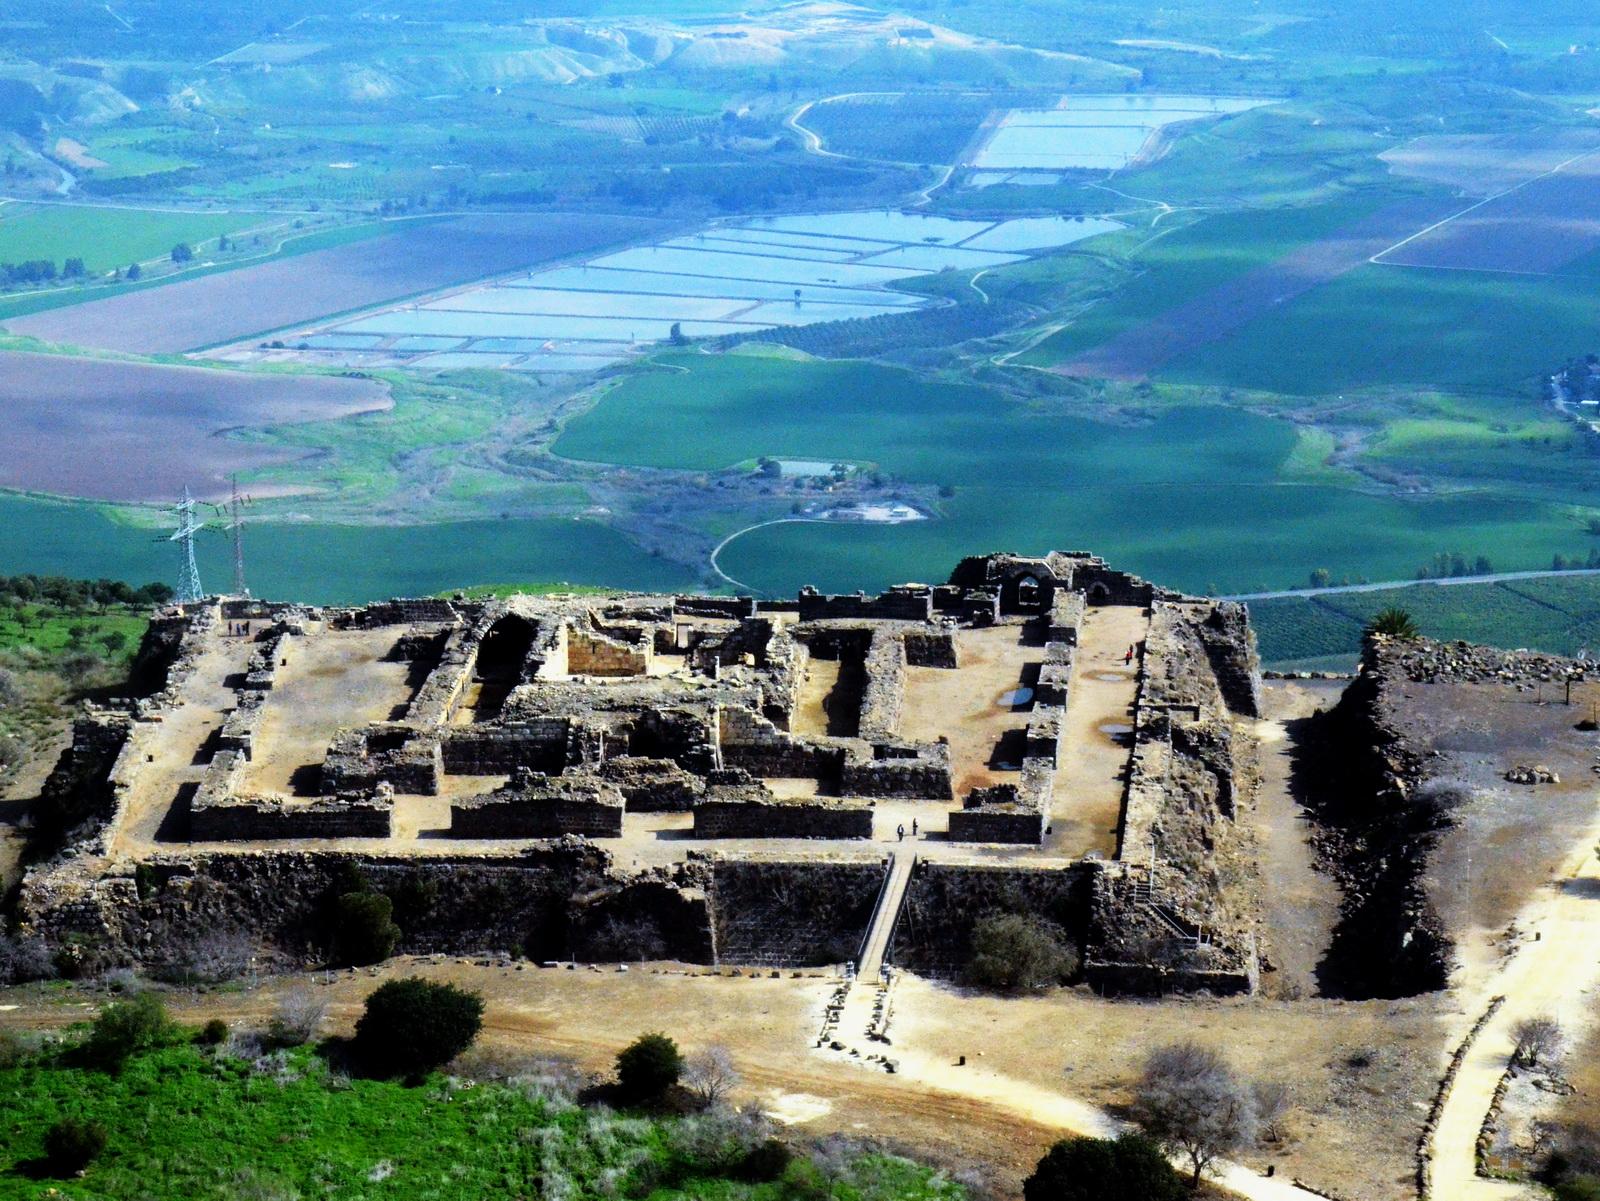 כוכב הירדן - המבצר הצלבני